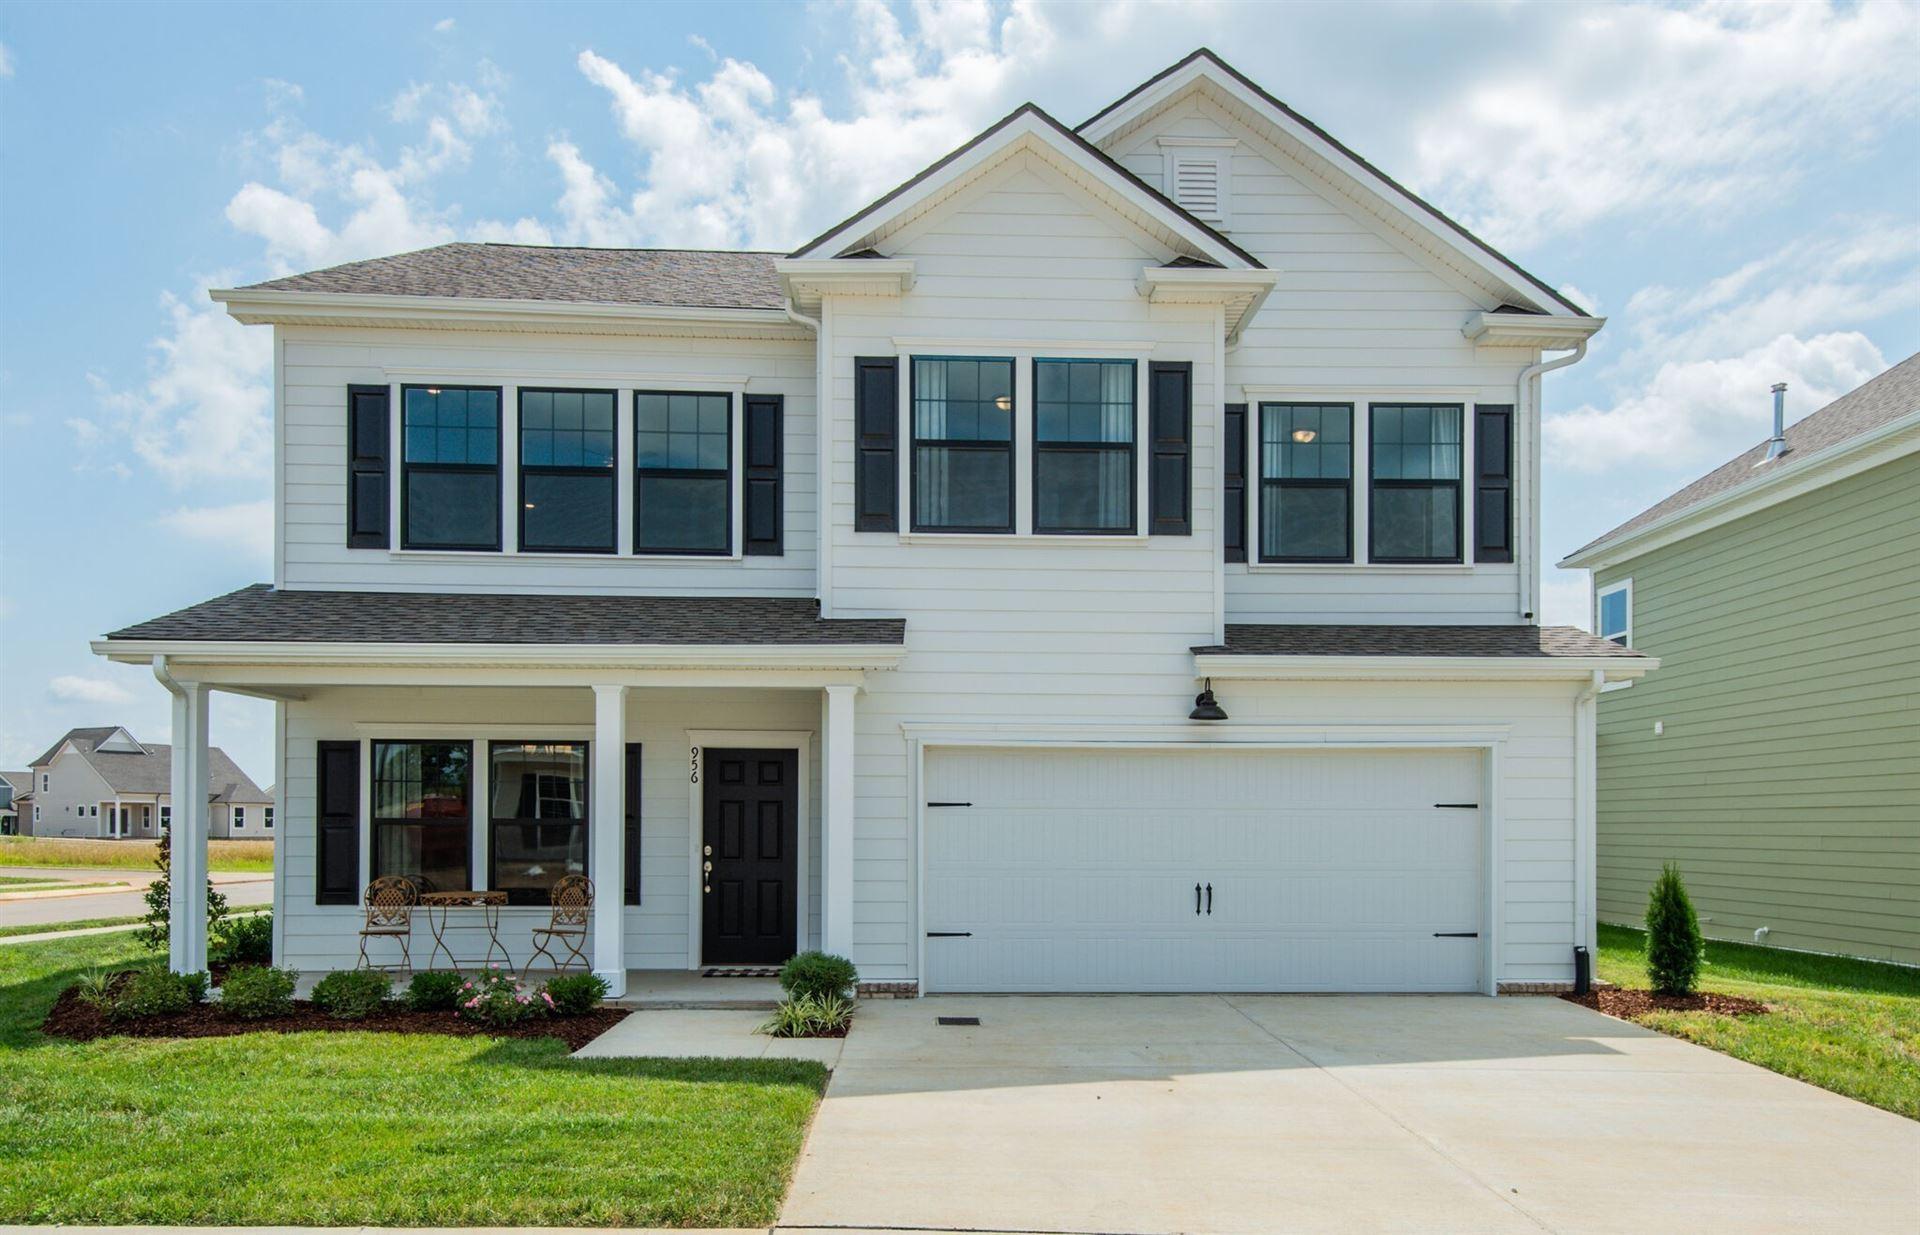 611 Castle Rd, Mount Juliet, TN 37122 - MLS#: 2279981